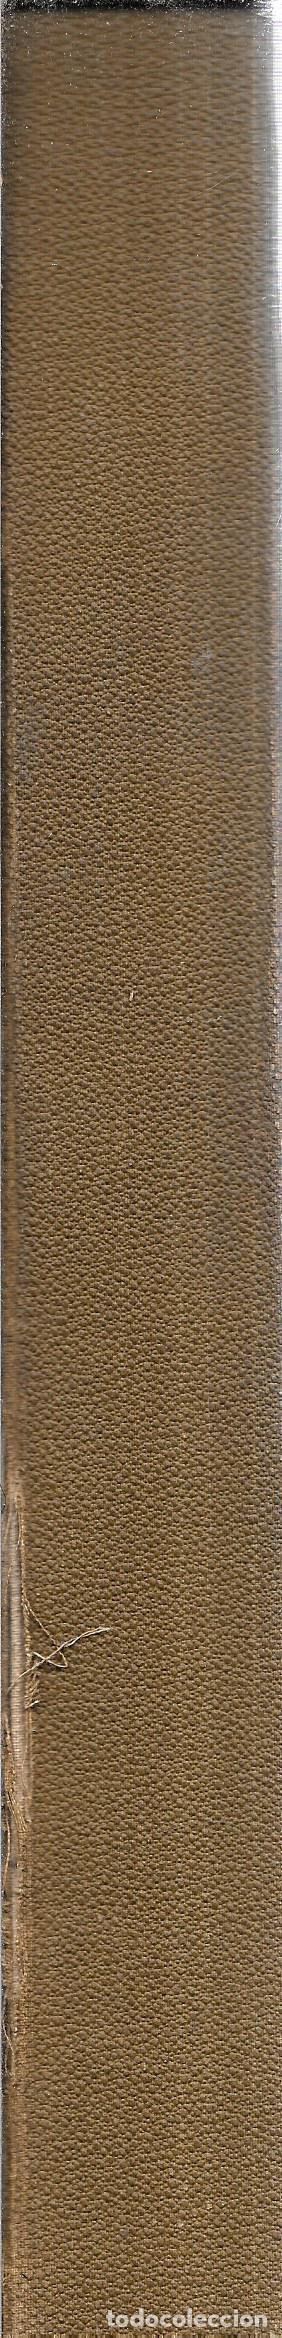 Libros antiguos: MUSEO DEL PRADO. ALBUM CONTENIENDO 120 REPRODUCCIONES EN FOTOTIPIA. HAUSER Y MENET. FOTOGRAFOS-EDIT. - Foto 2 - 111964963